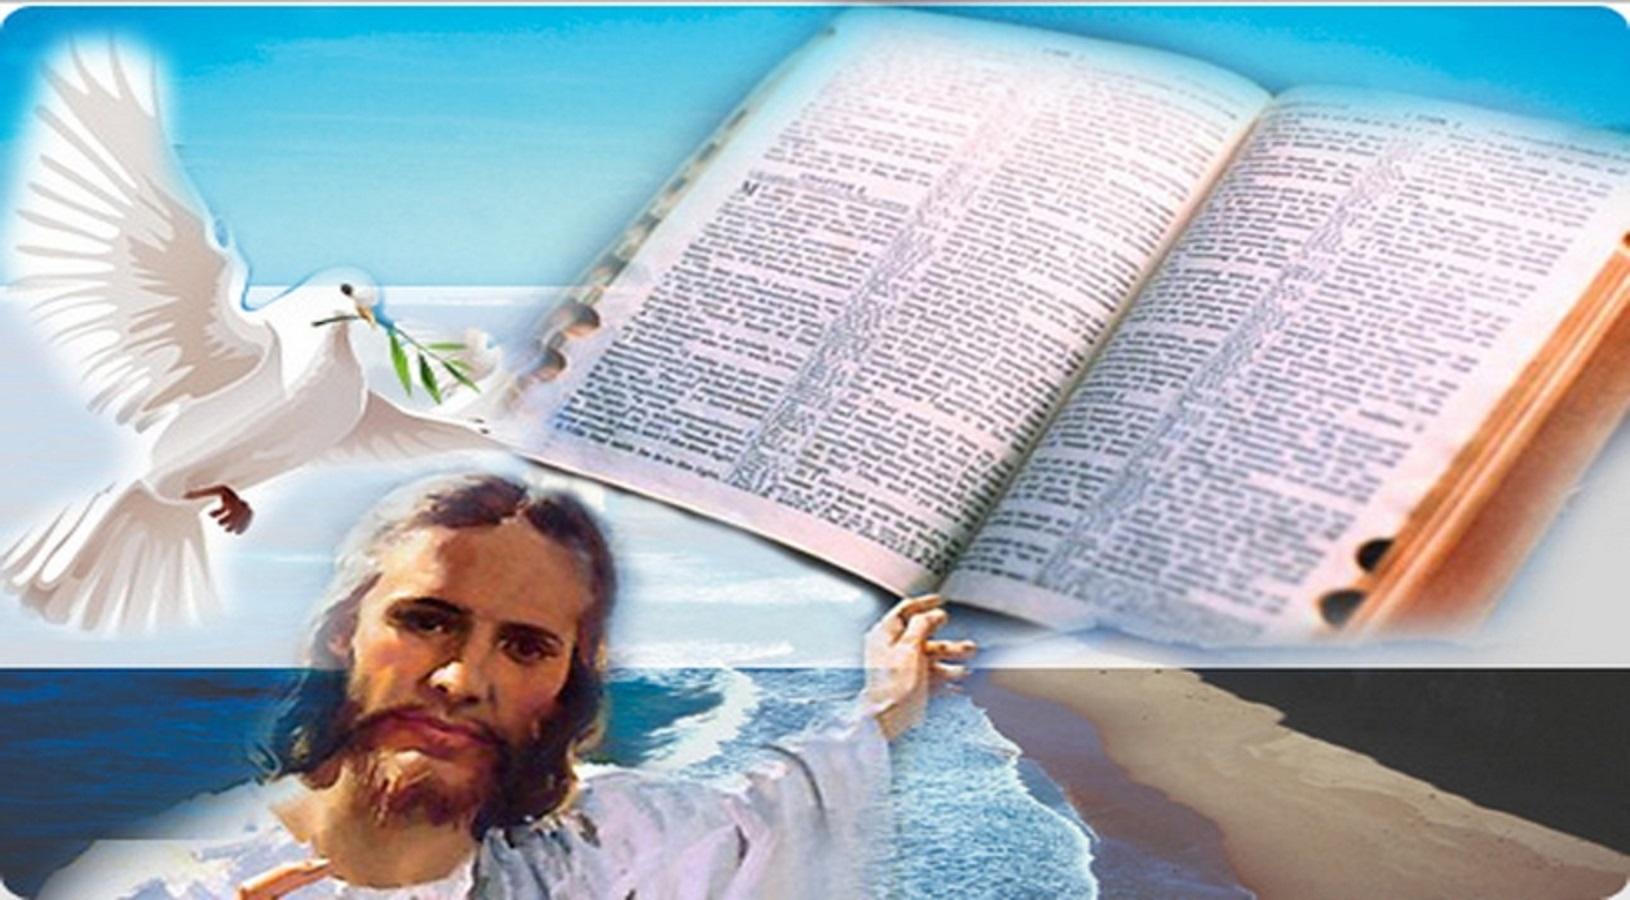 Jésus et la Parole de Dieu 1.jpg